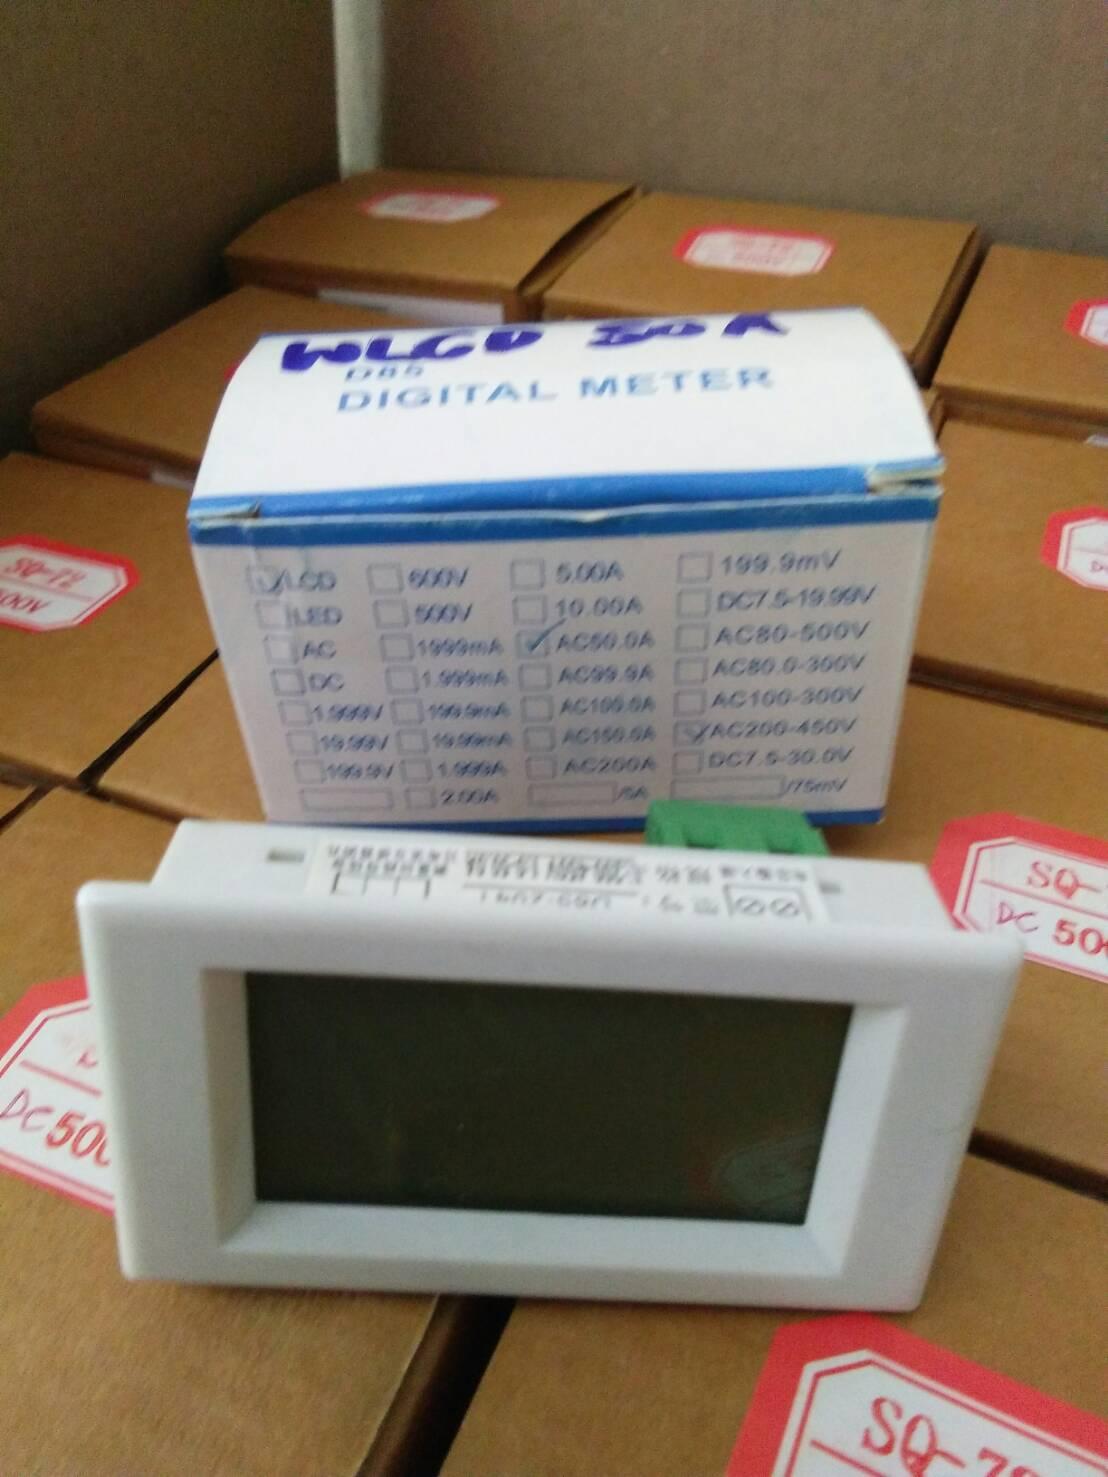 Digital Meter - WLCD 50A 200-450V